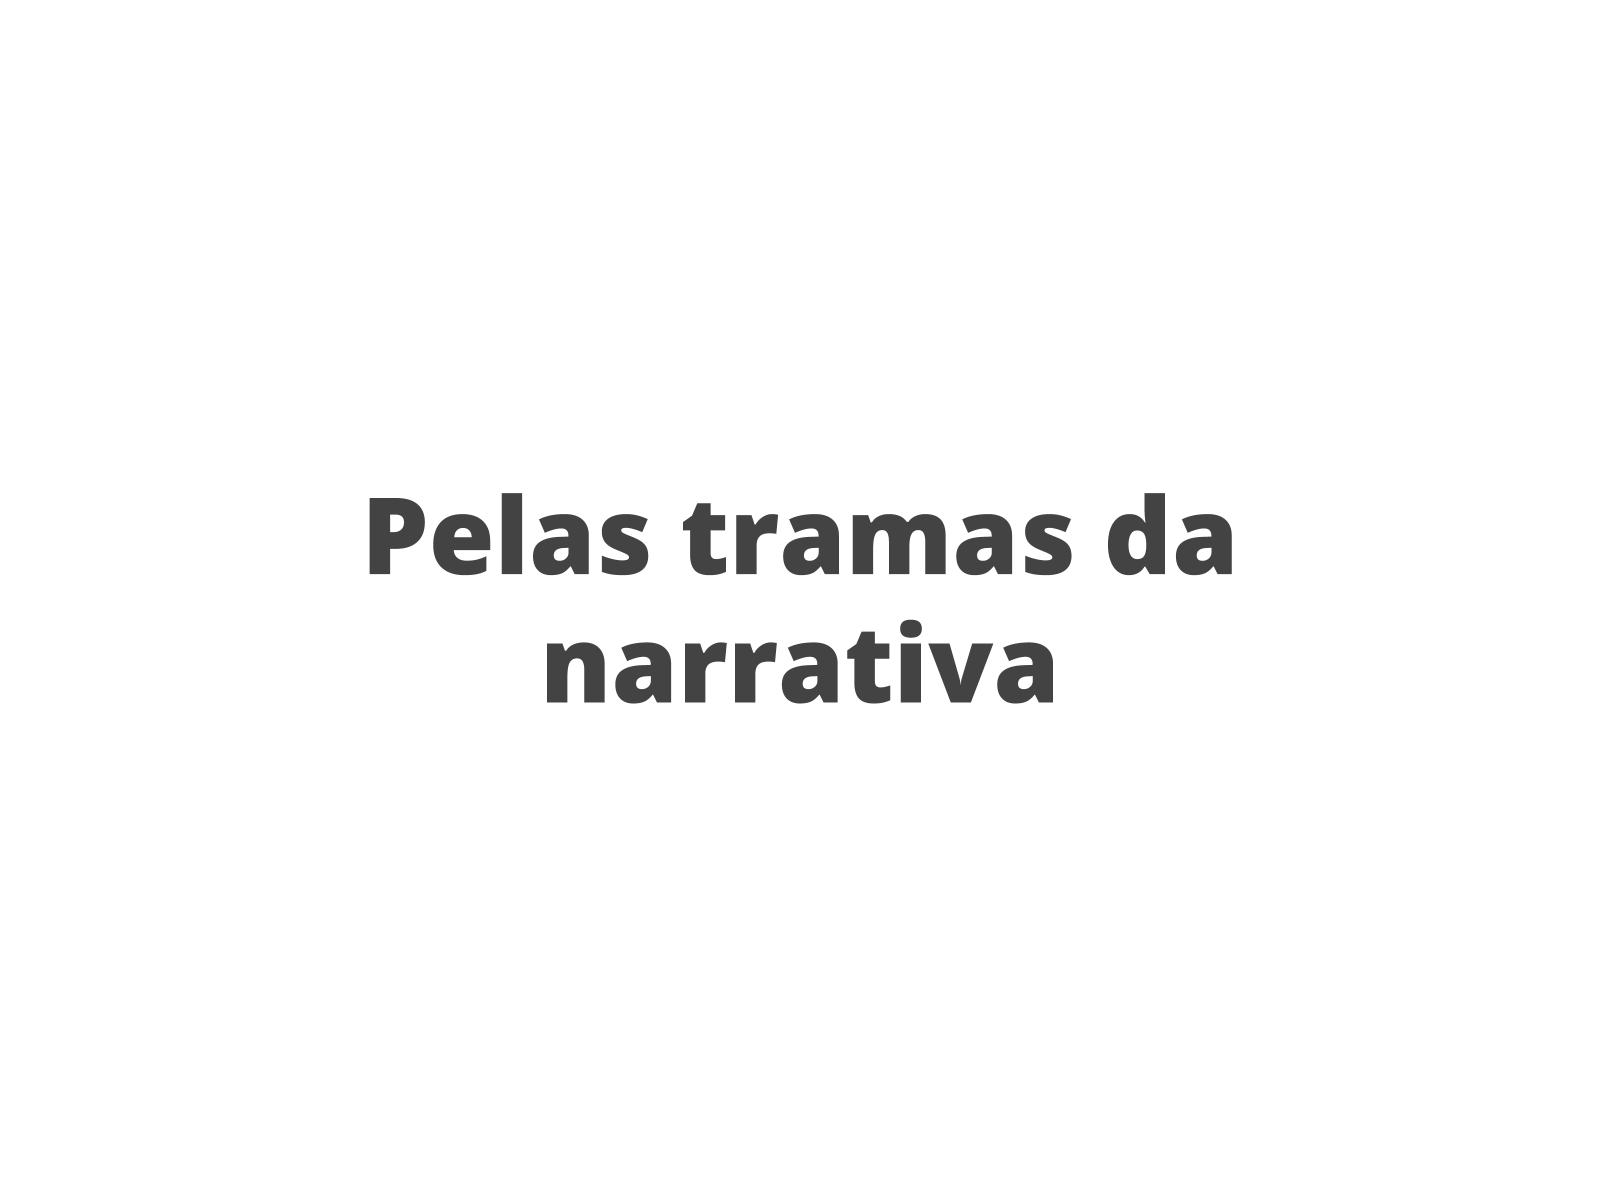 Estrutura da narrativa no gênero conto